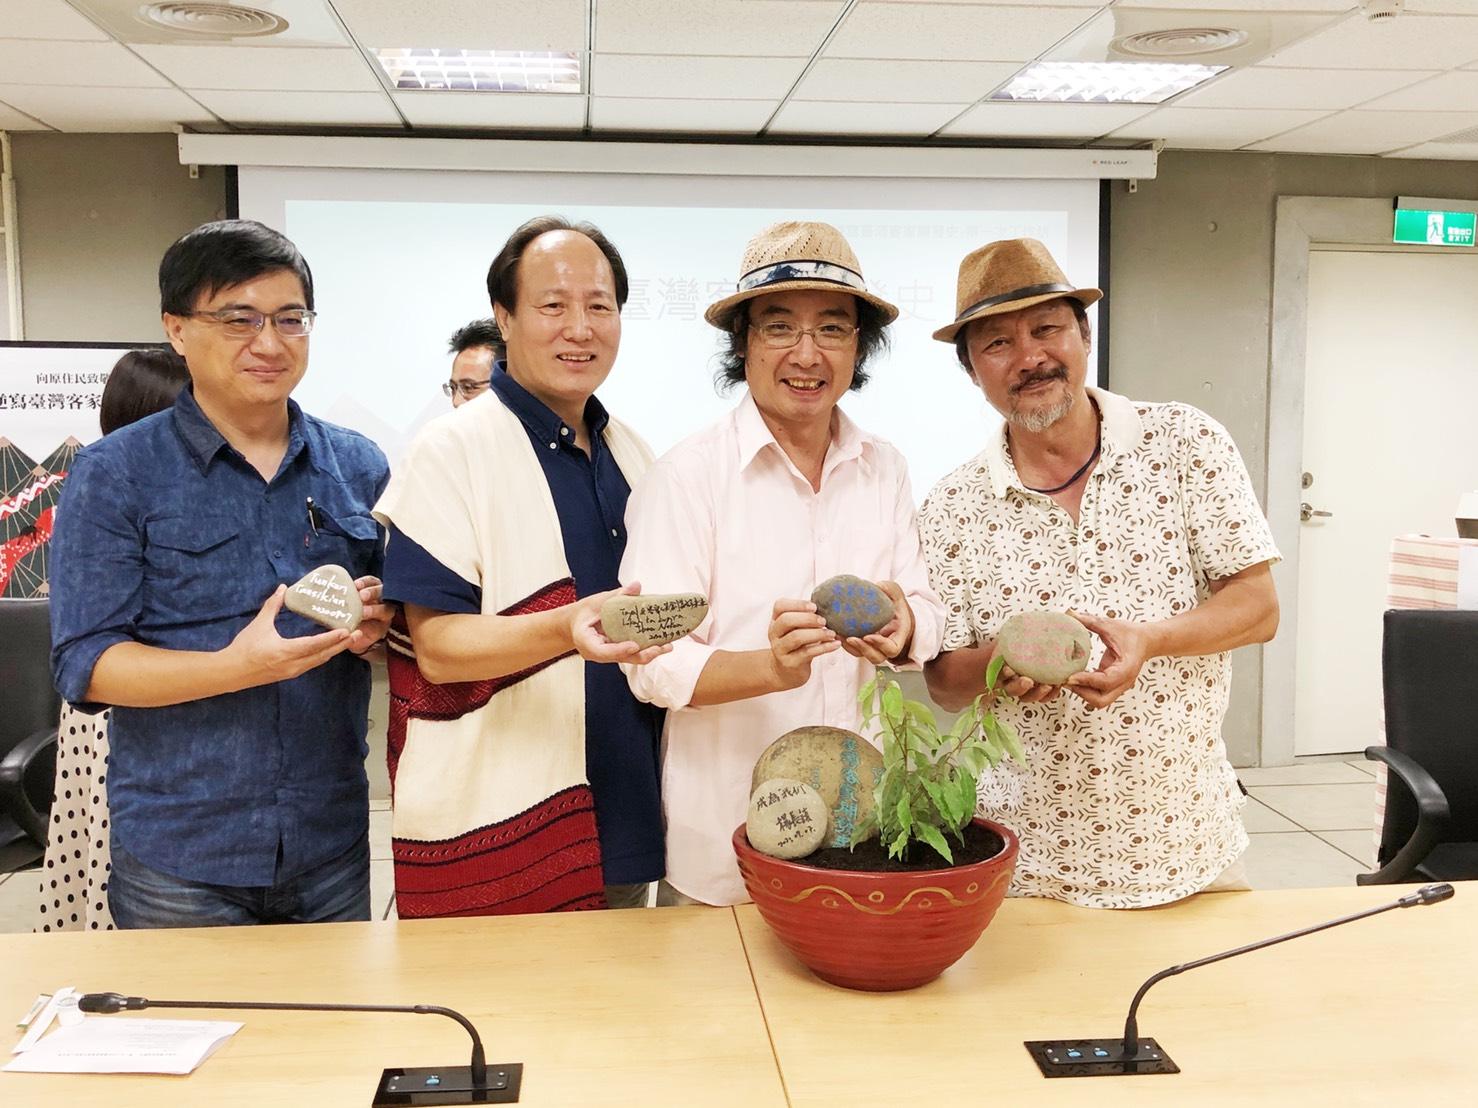 逆寫台灣客家開發史工作坊暨簽署儀式 楊長鎮盼原客共譜「我們的歷史」